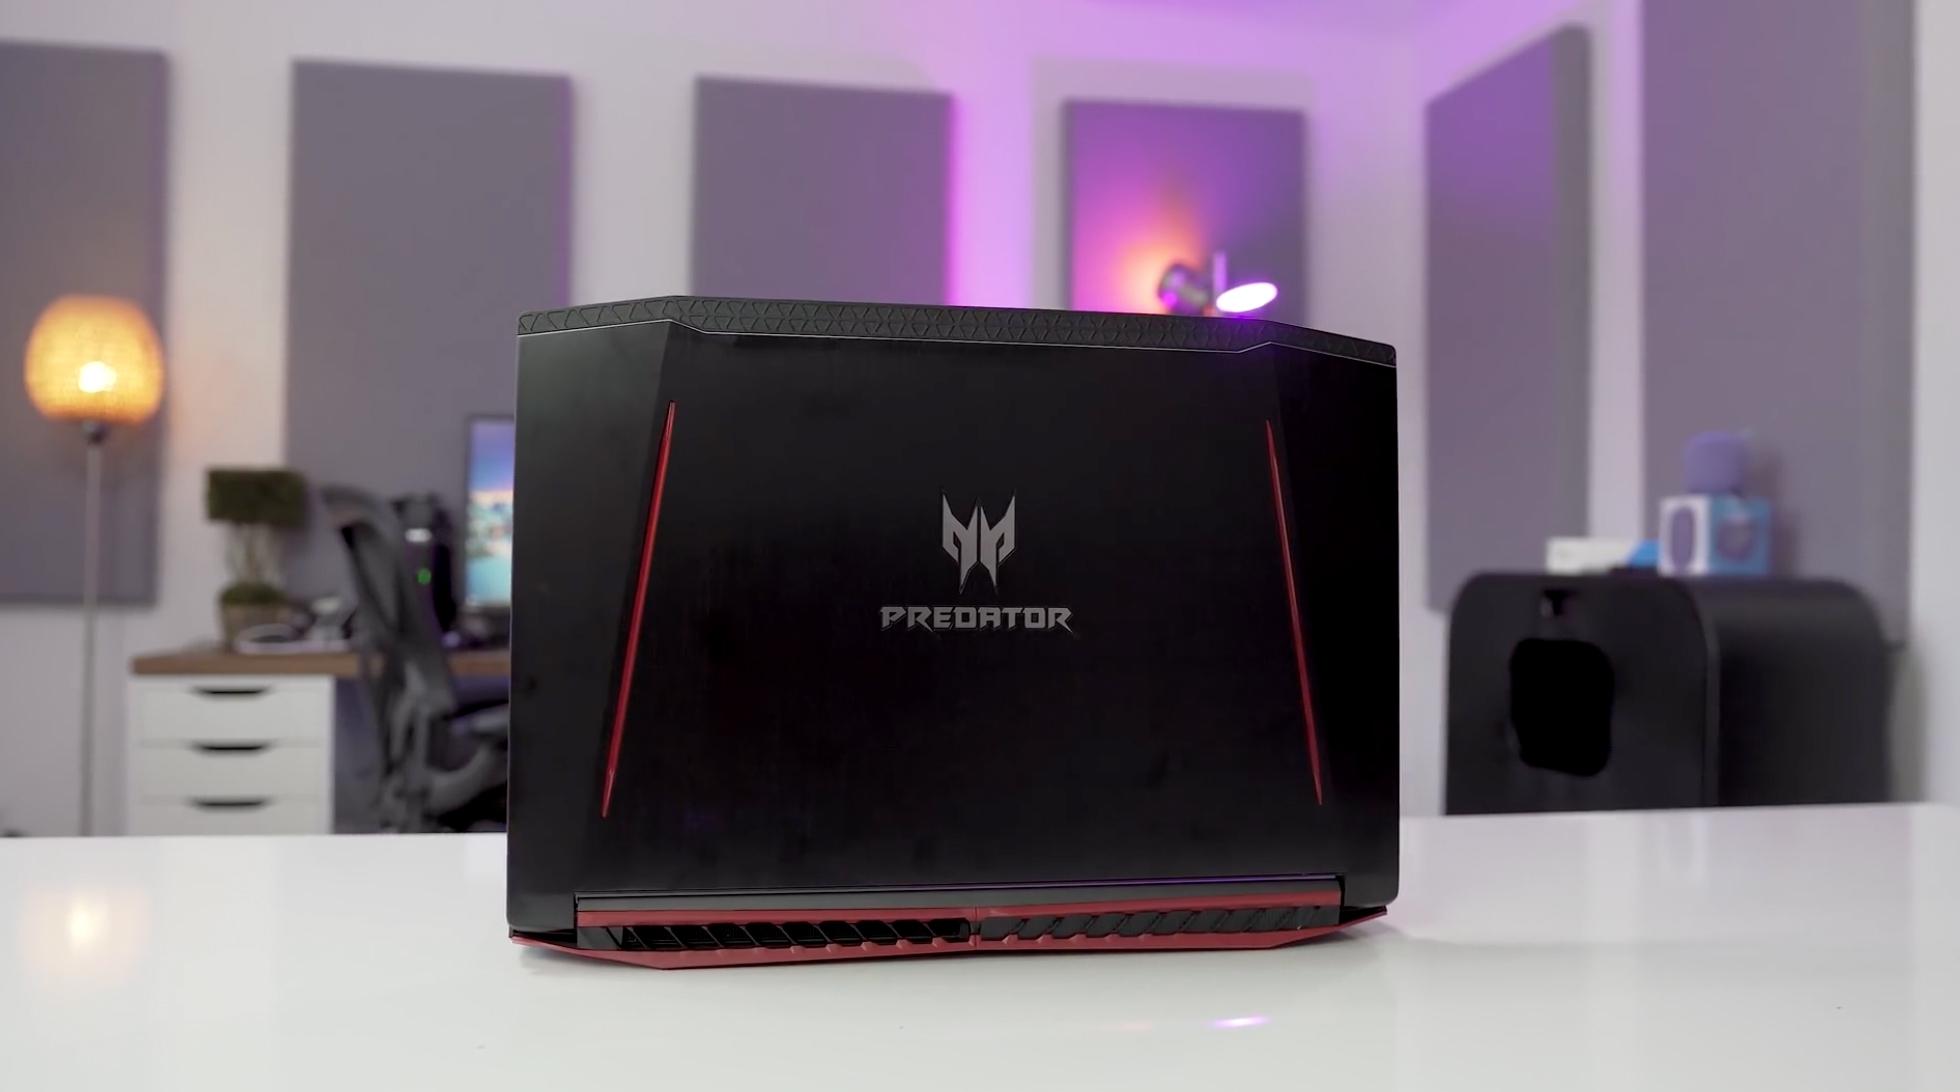 Análise Acer Predator Helio 300 G3: Desempenho Geral